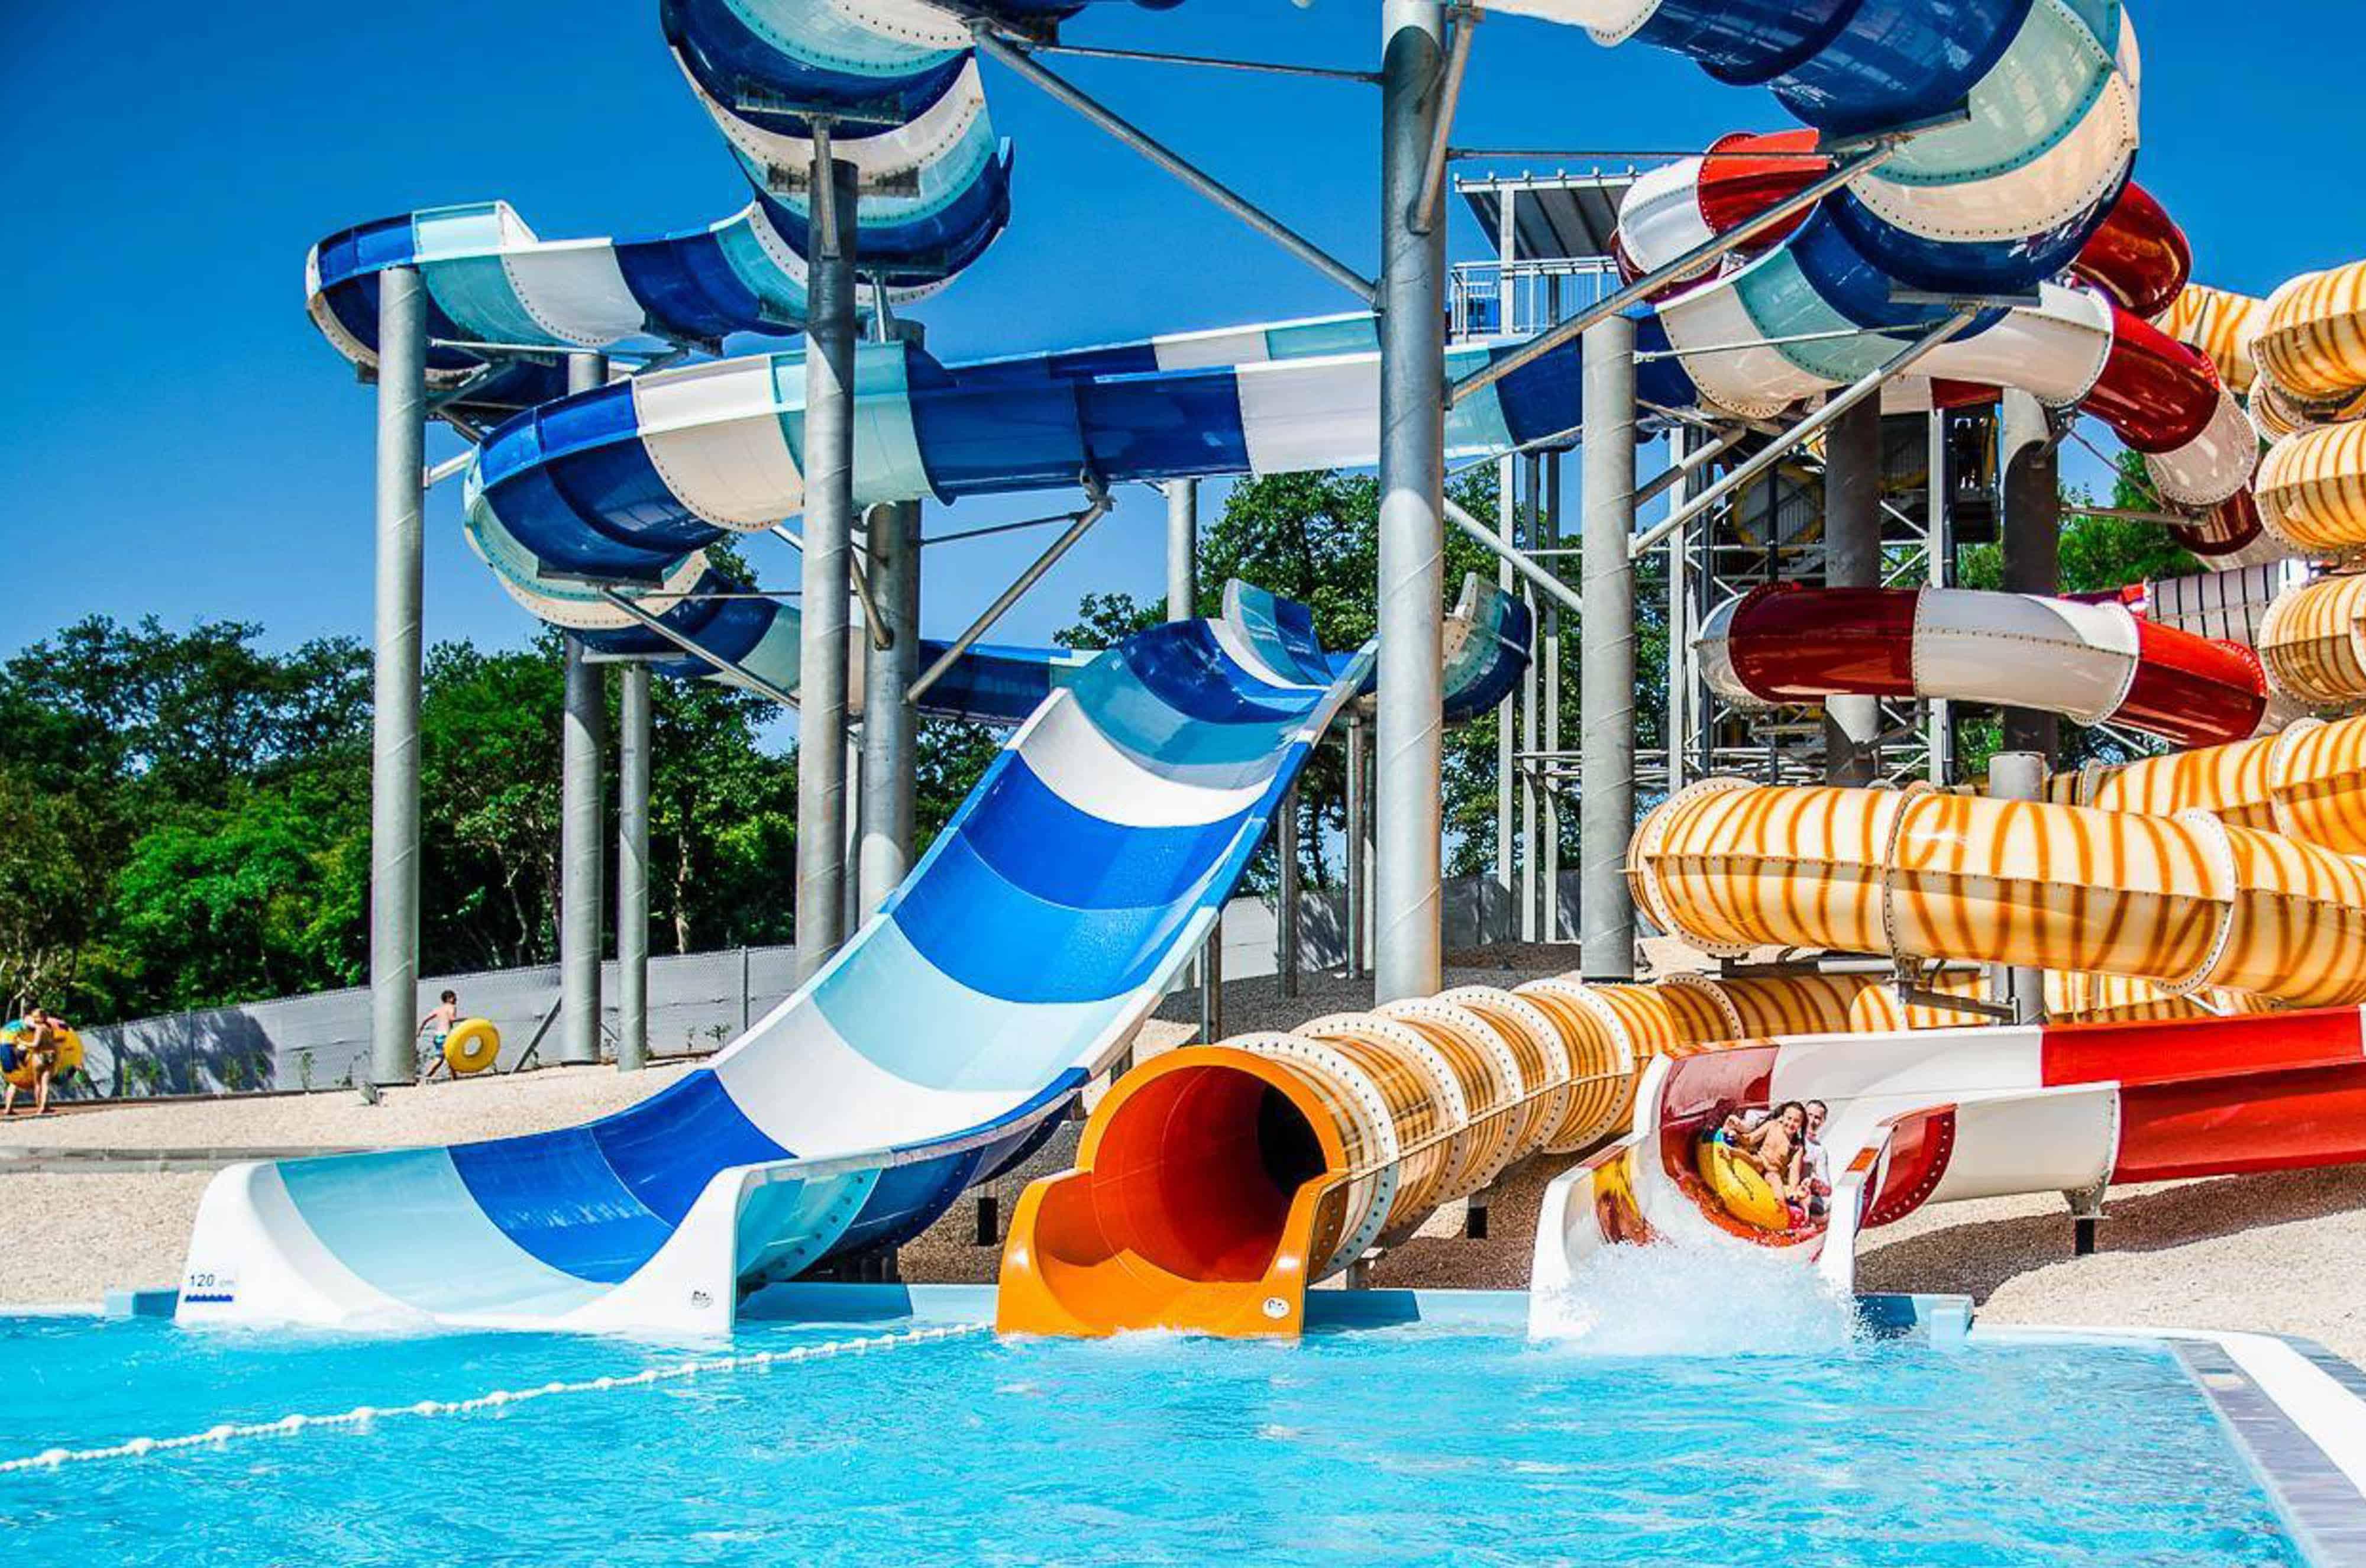 Aquapark Istralandia, Croatia